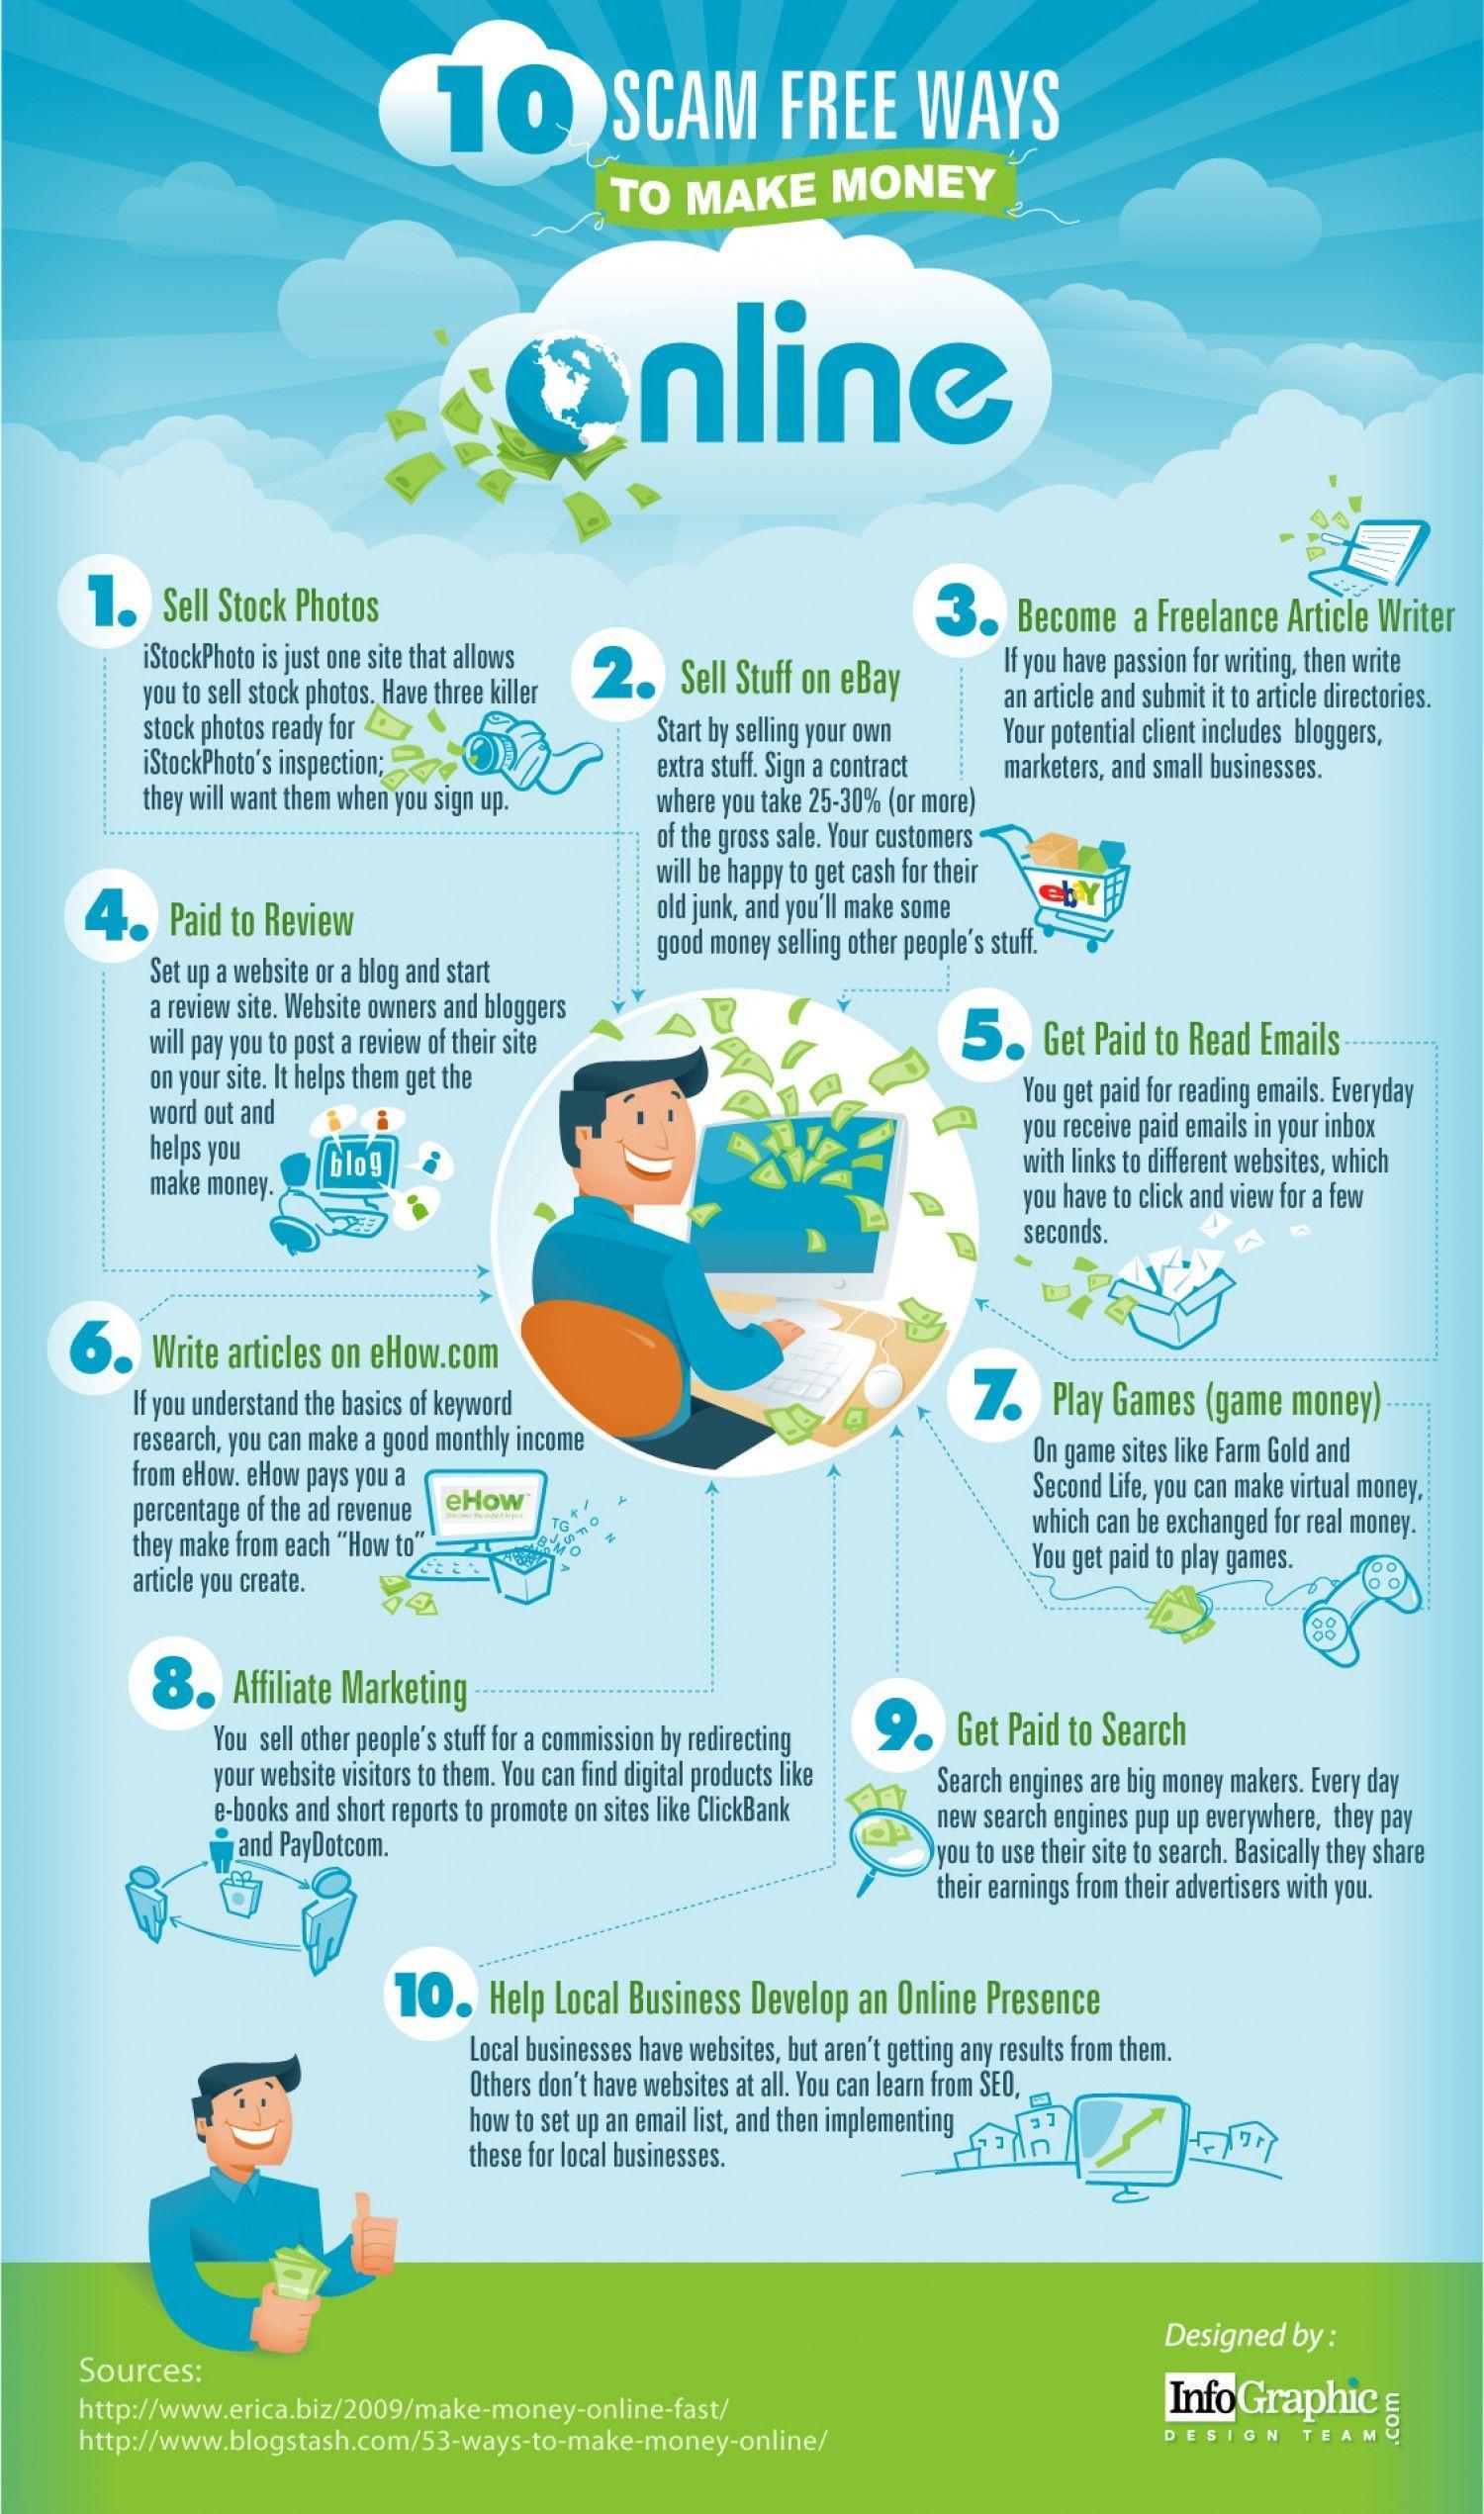 10 Scam Free Ways To Make Money Online